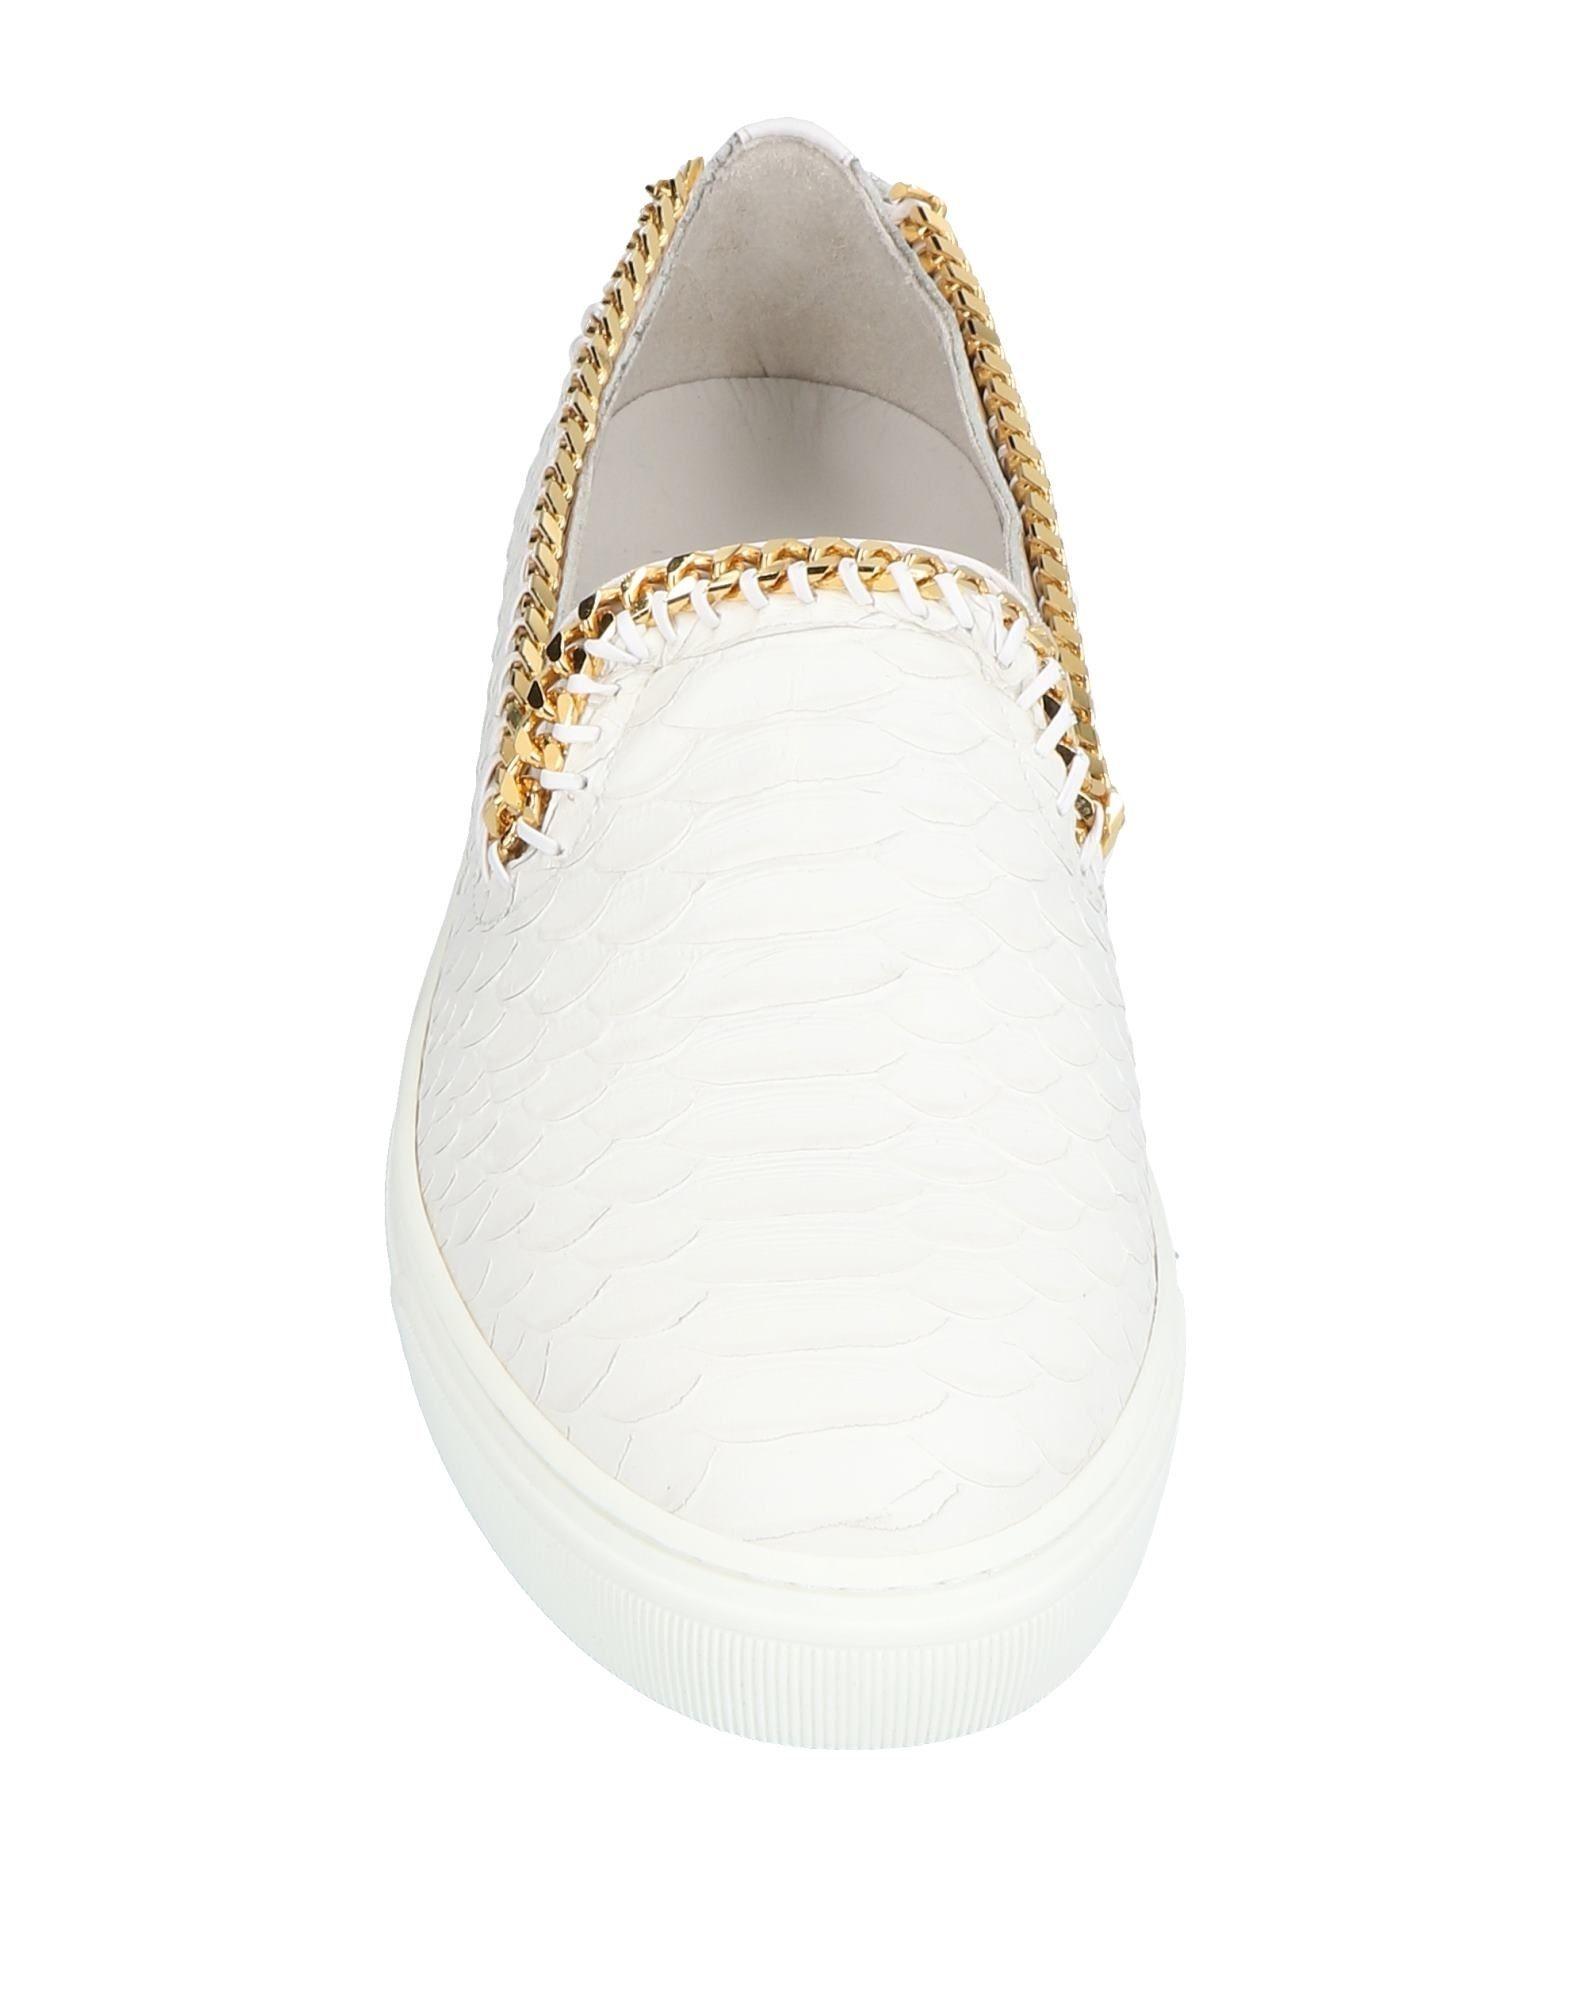 Louis Leeman Sneakers Herren 11481879VN  11481879VN Herren d3fe1f